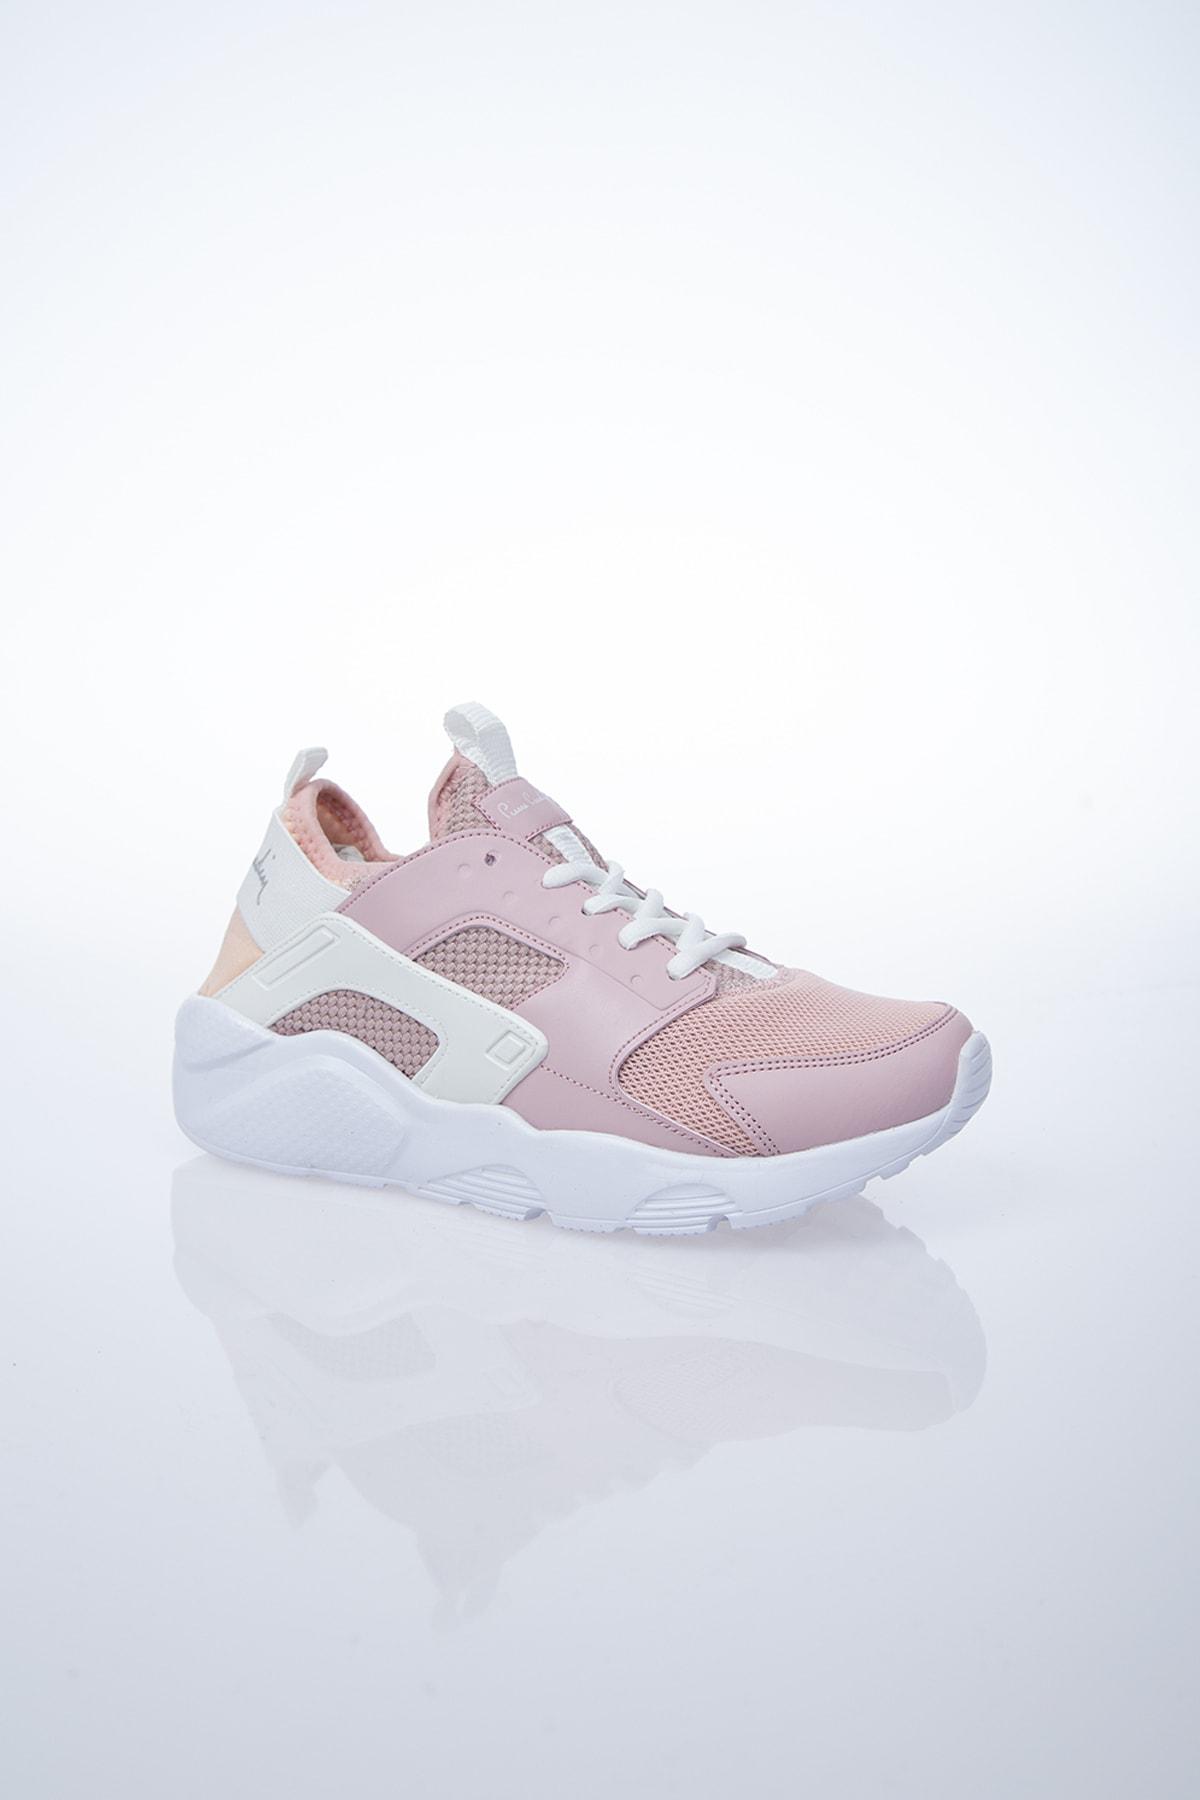 Pierre Cardin Kadın Günlük Spor Ayakkabı-pudra Pcs-10276 2